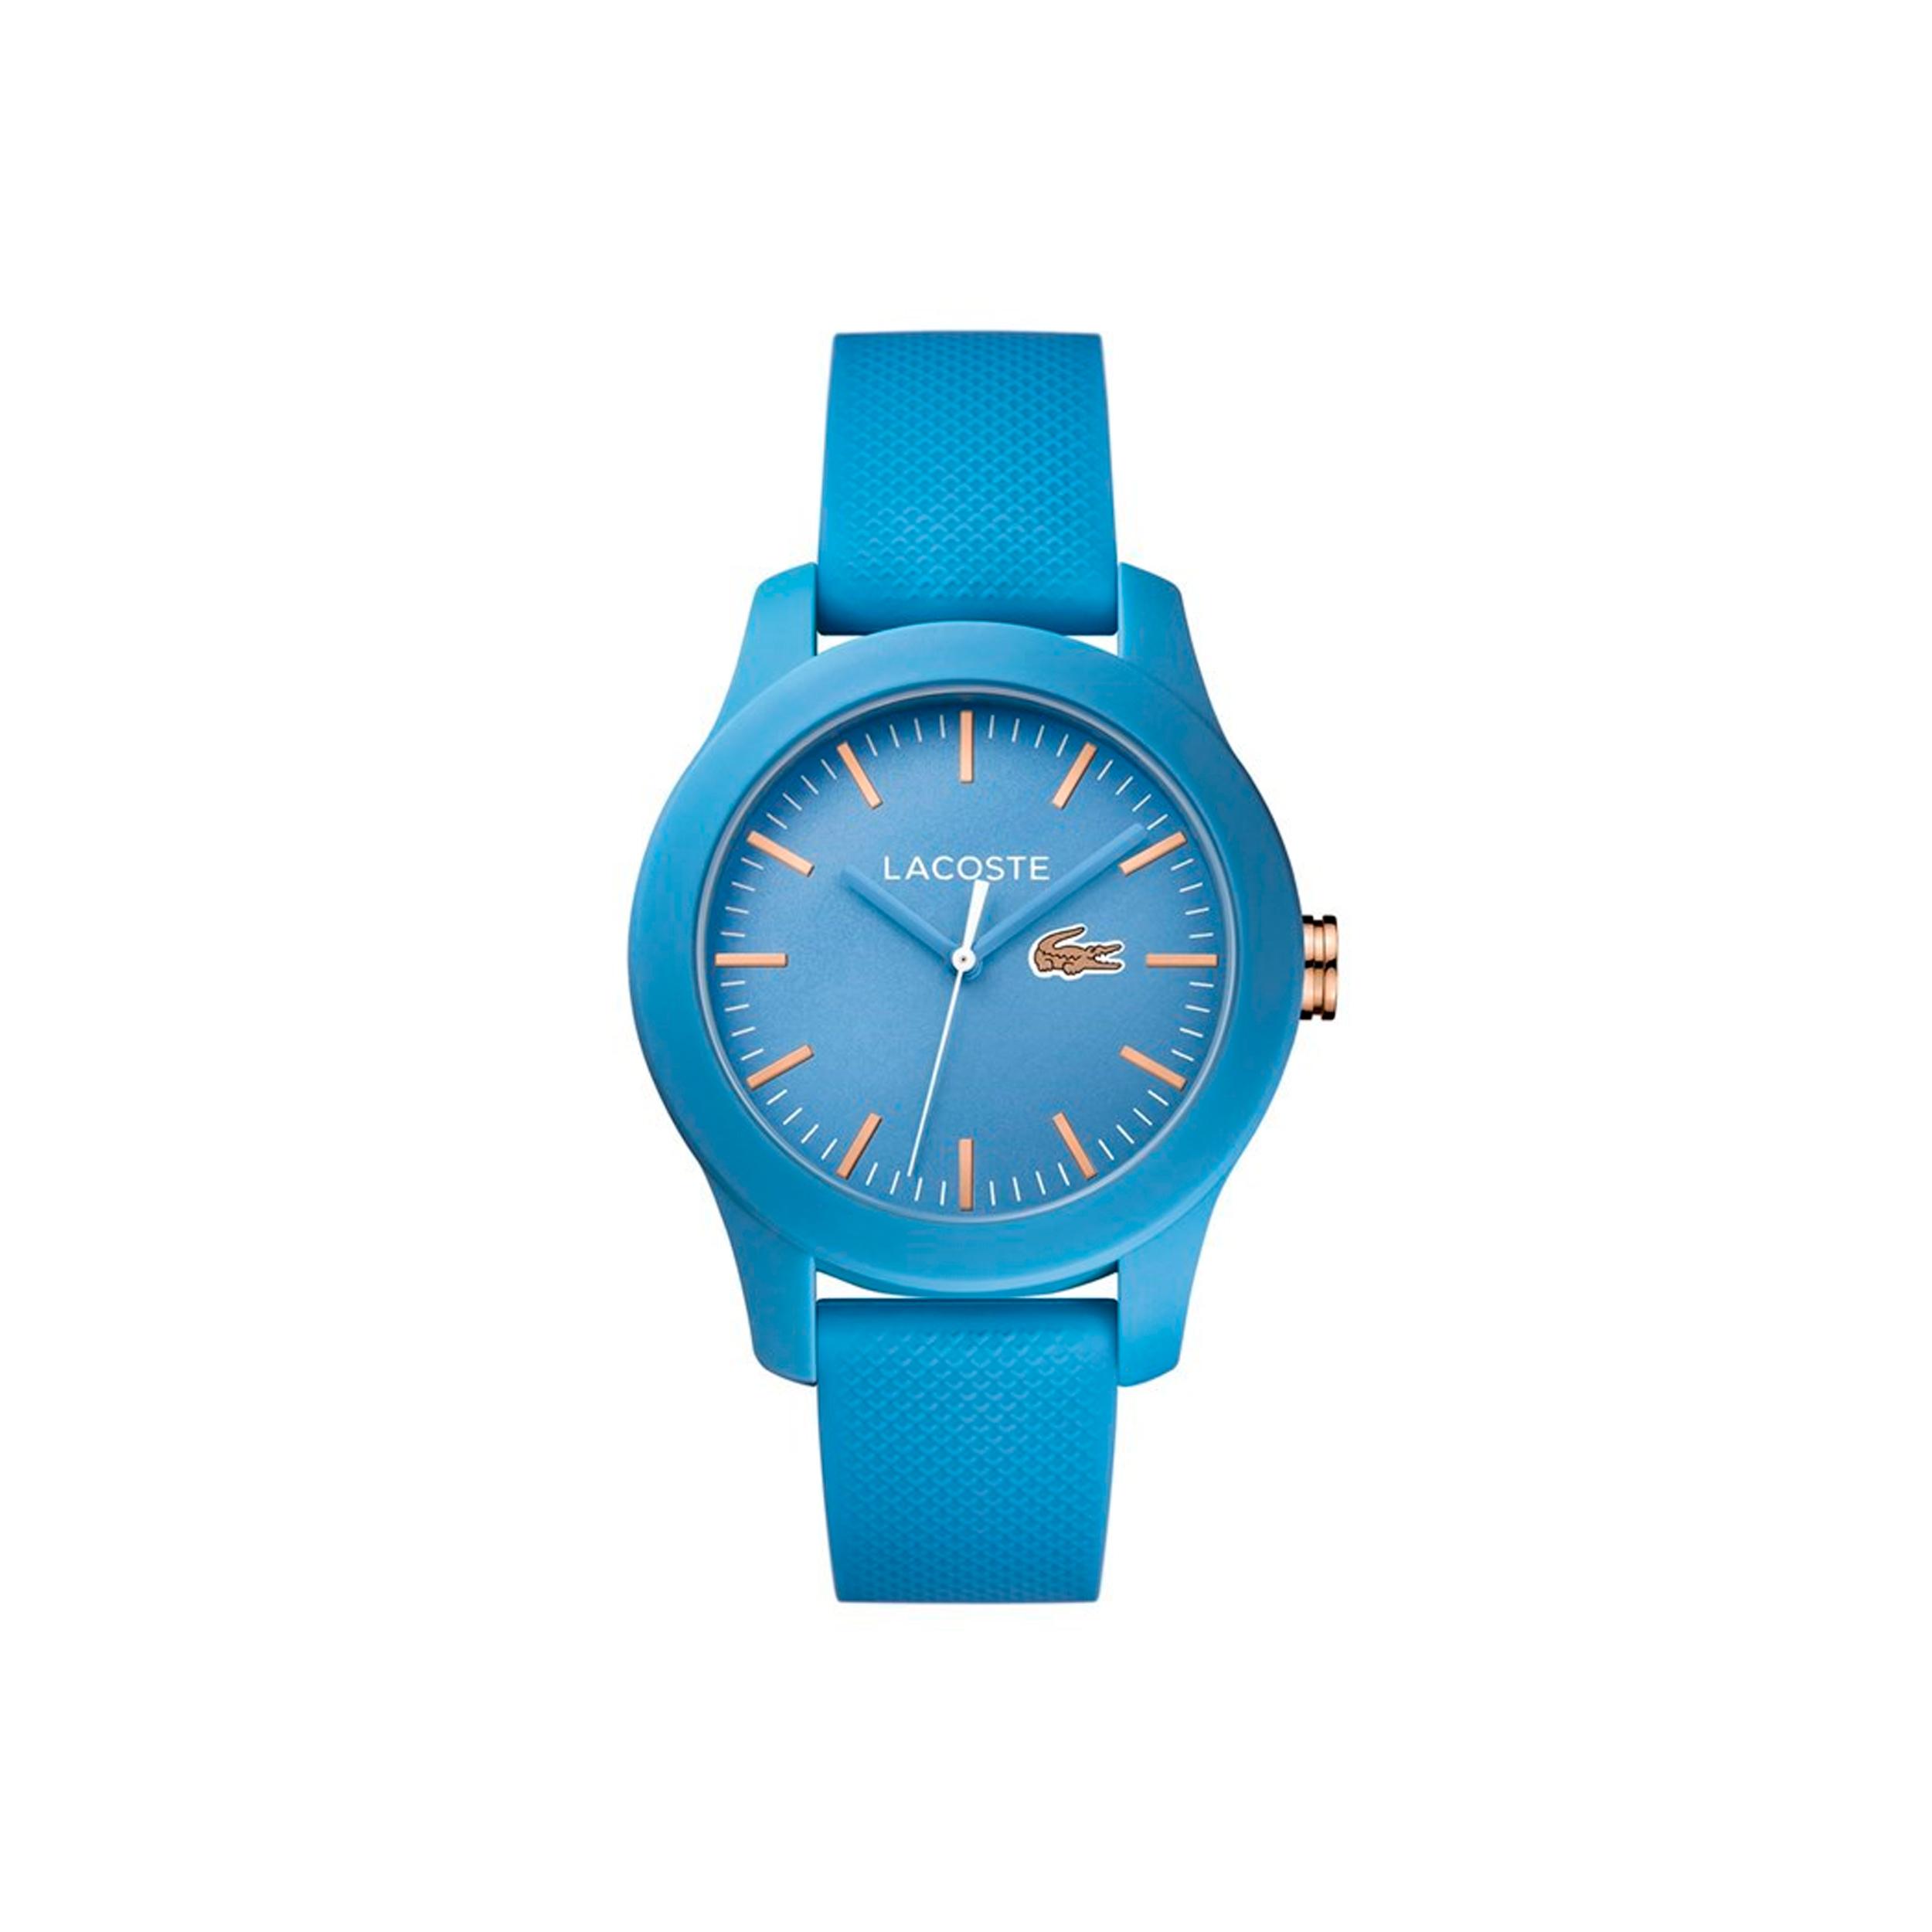 ساعت مچی عقربه ای زنانه لاگوست مدل 2001004              خرید (⭐️⭐️⭐️)